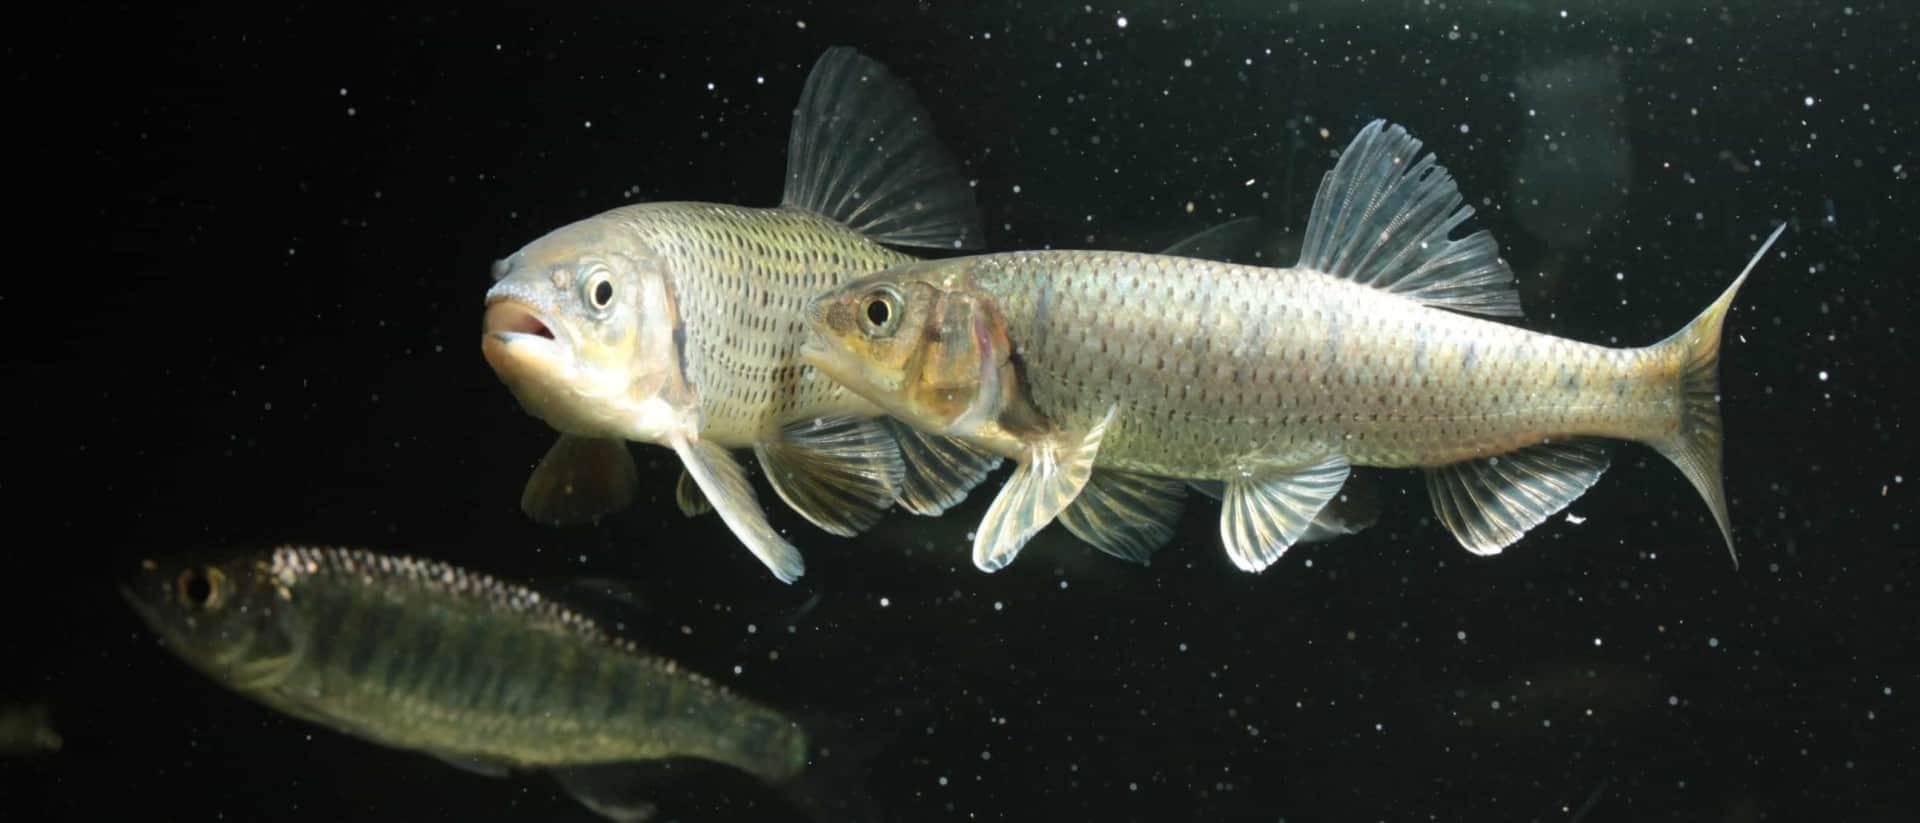 Podcast Episode #102: Die Aquaristik in Indien - Fischfangreisen und Szene Infos (Benjamin Harink) 3